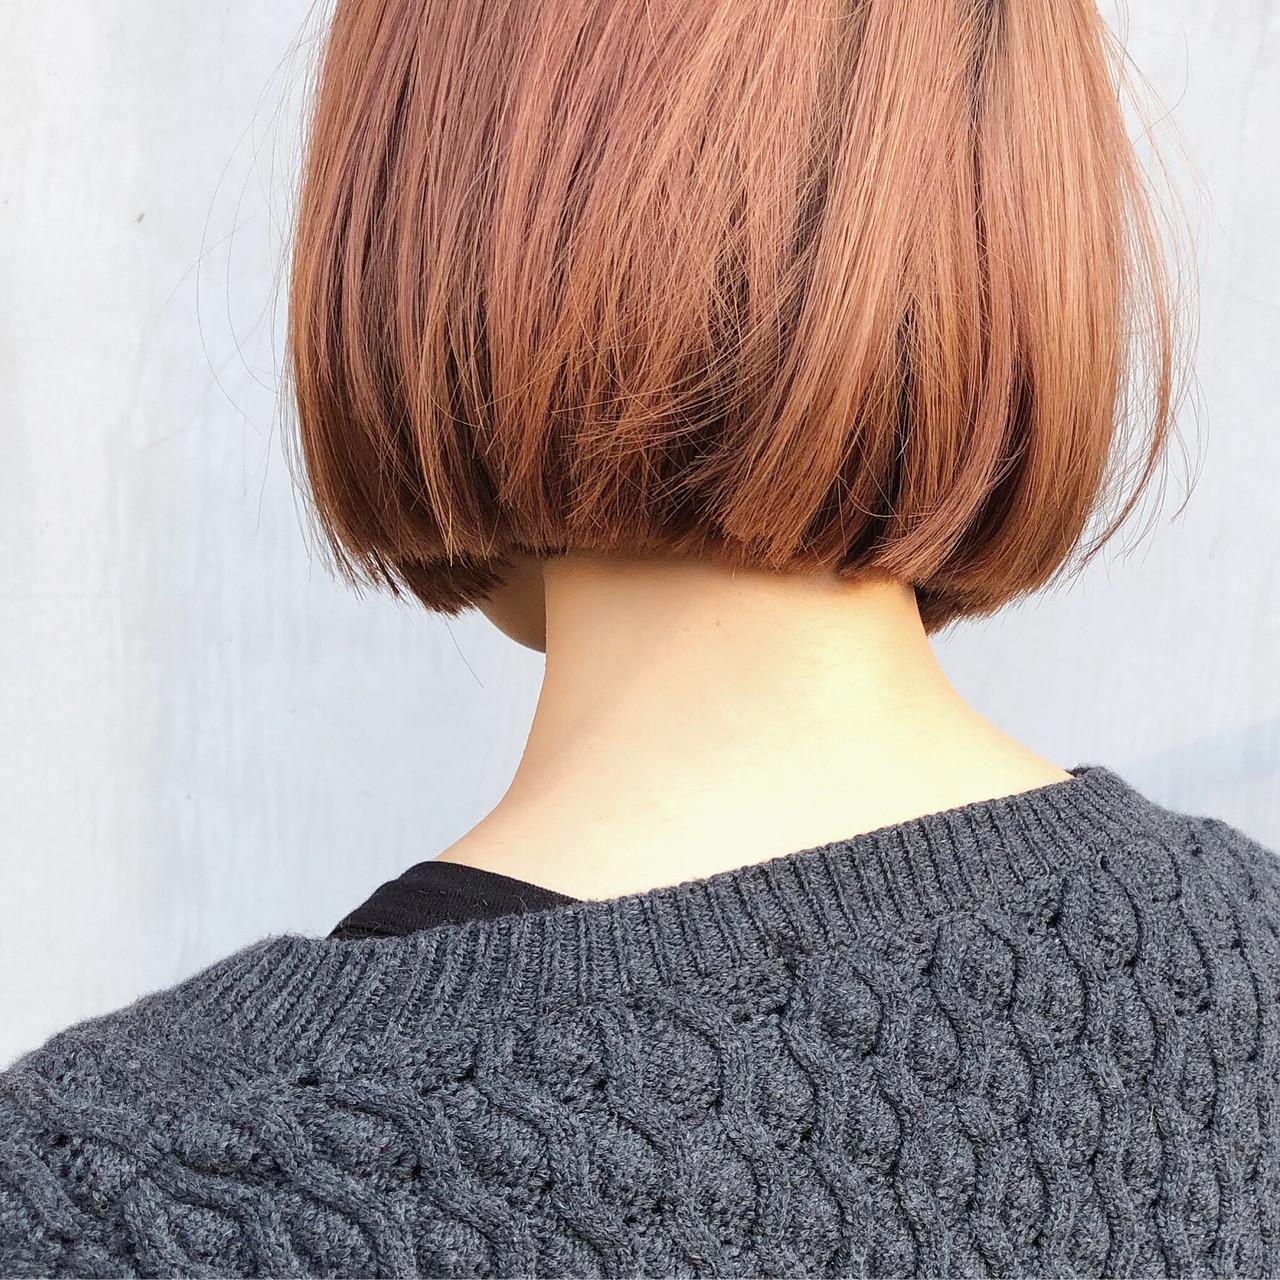 切りっぱなしボブ ダブルカラー デート ミニボブ ヘアスタイルや髪型の写真・画像 | 篠崎 佑介 / ticro.